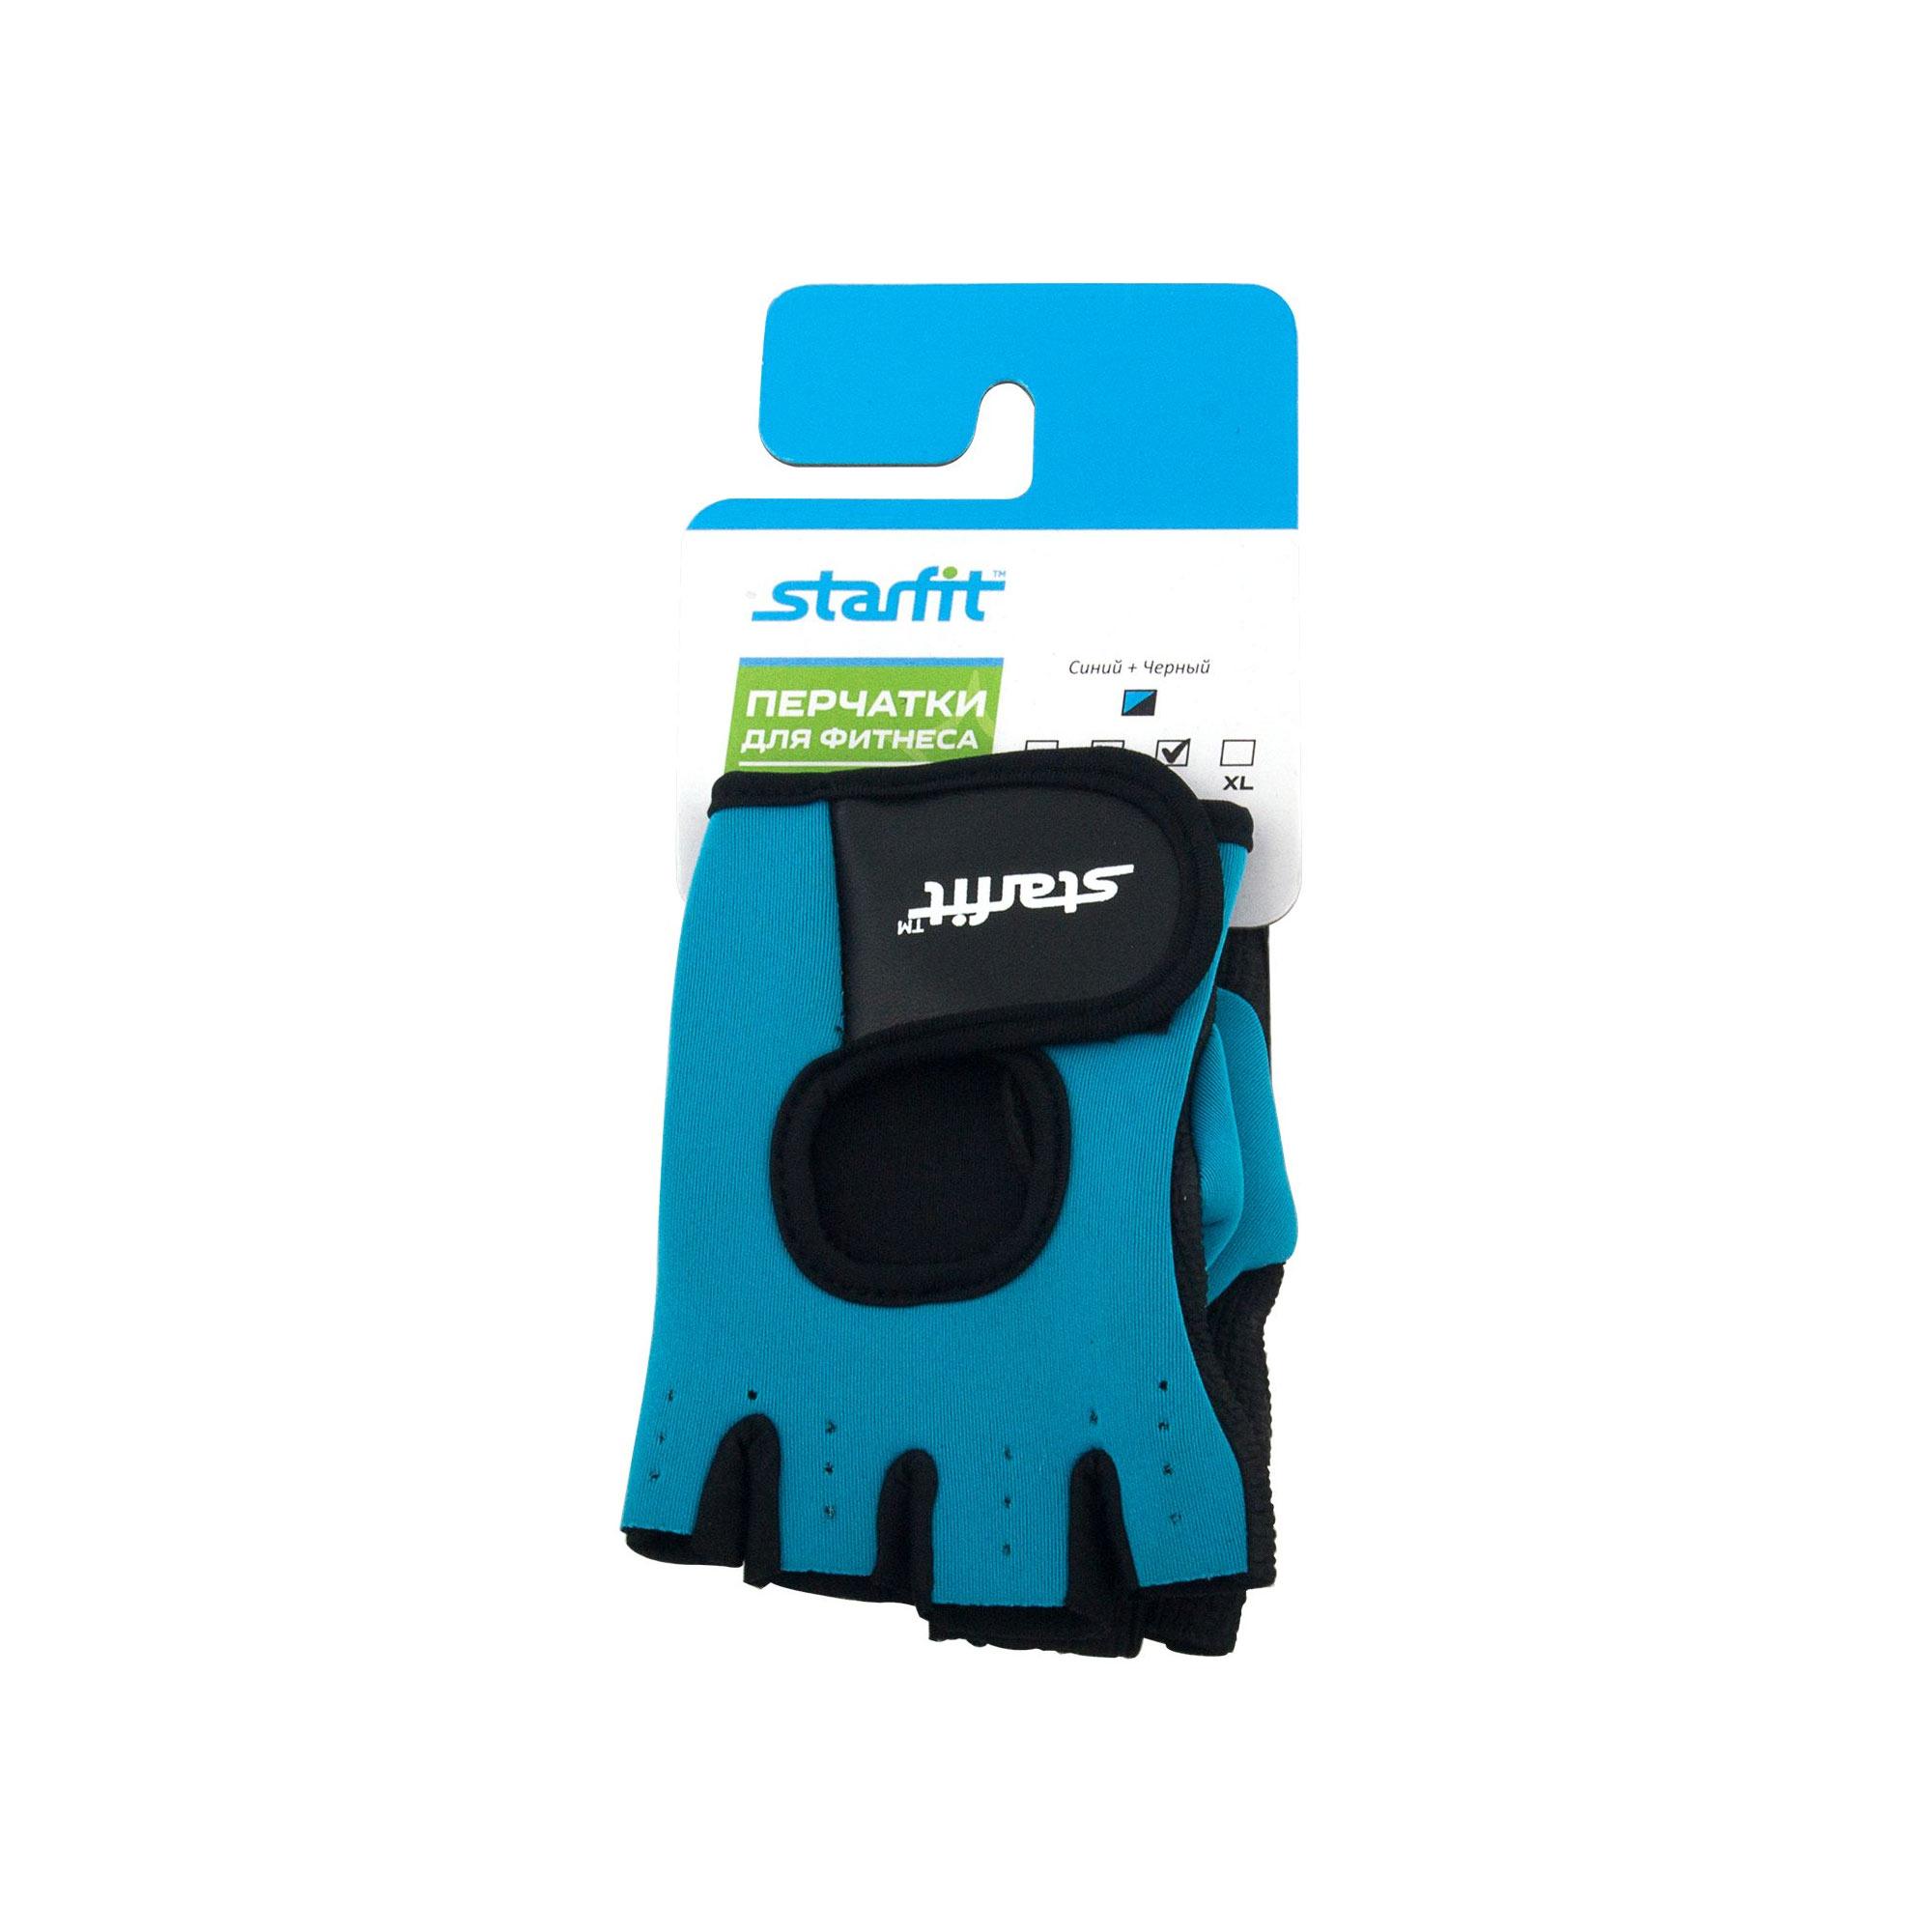 Перчатки для фитнеса Blister Off, черные с бирюзовым фото 0